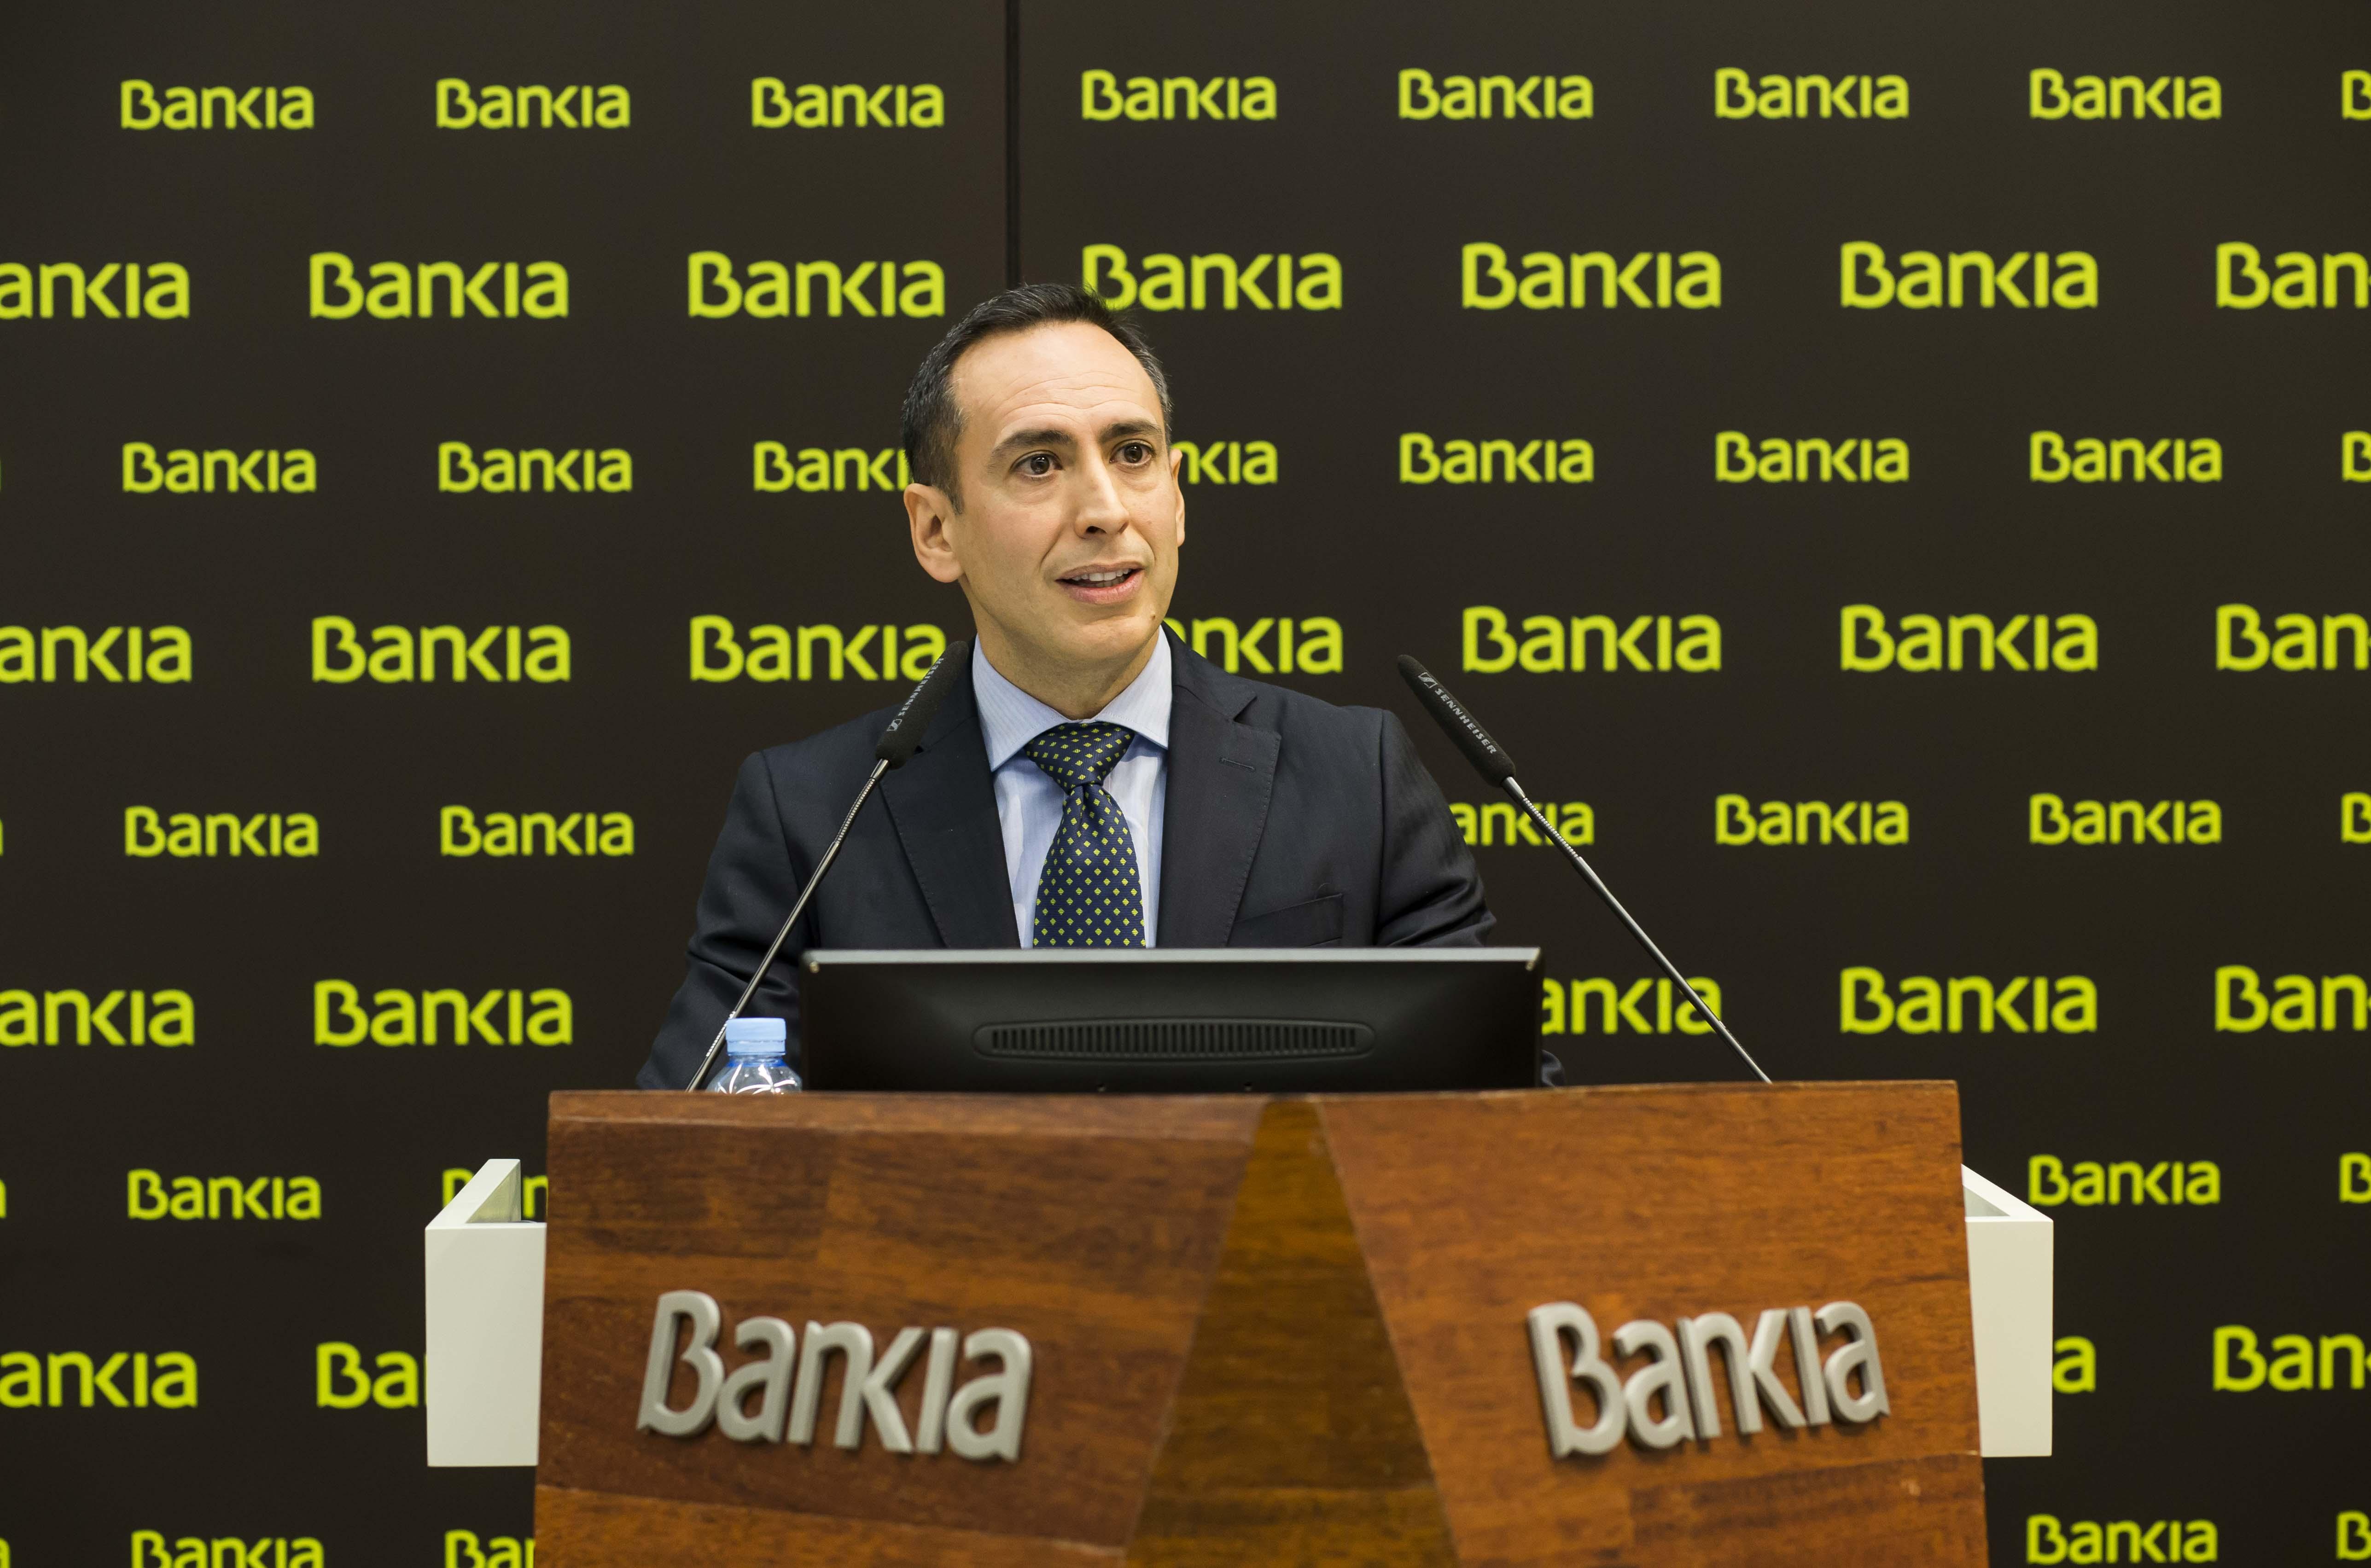 002 Nemesio Fernández Bankia